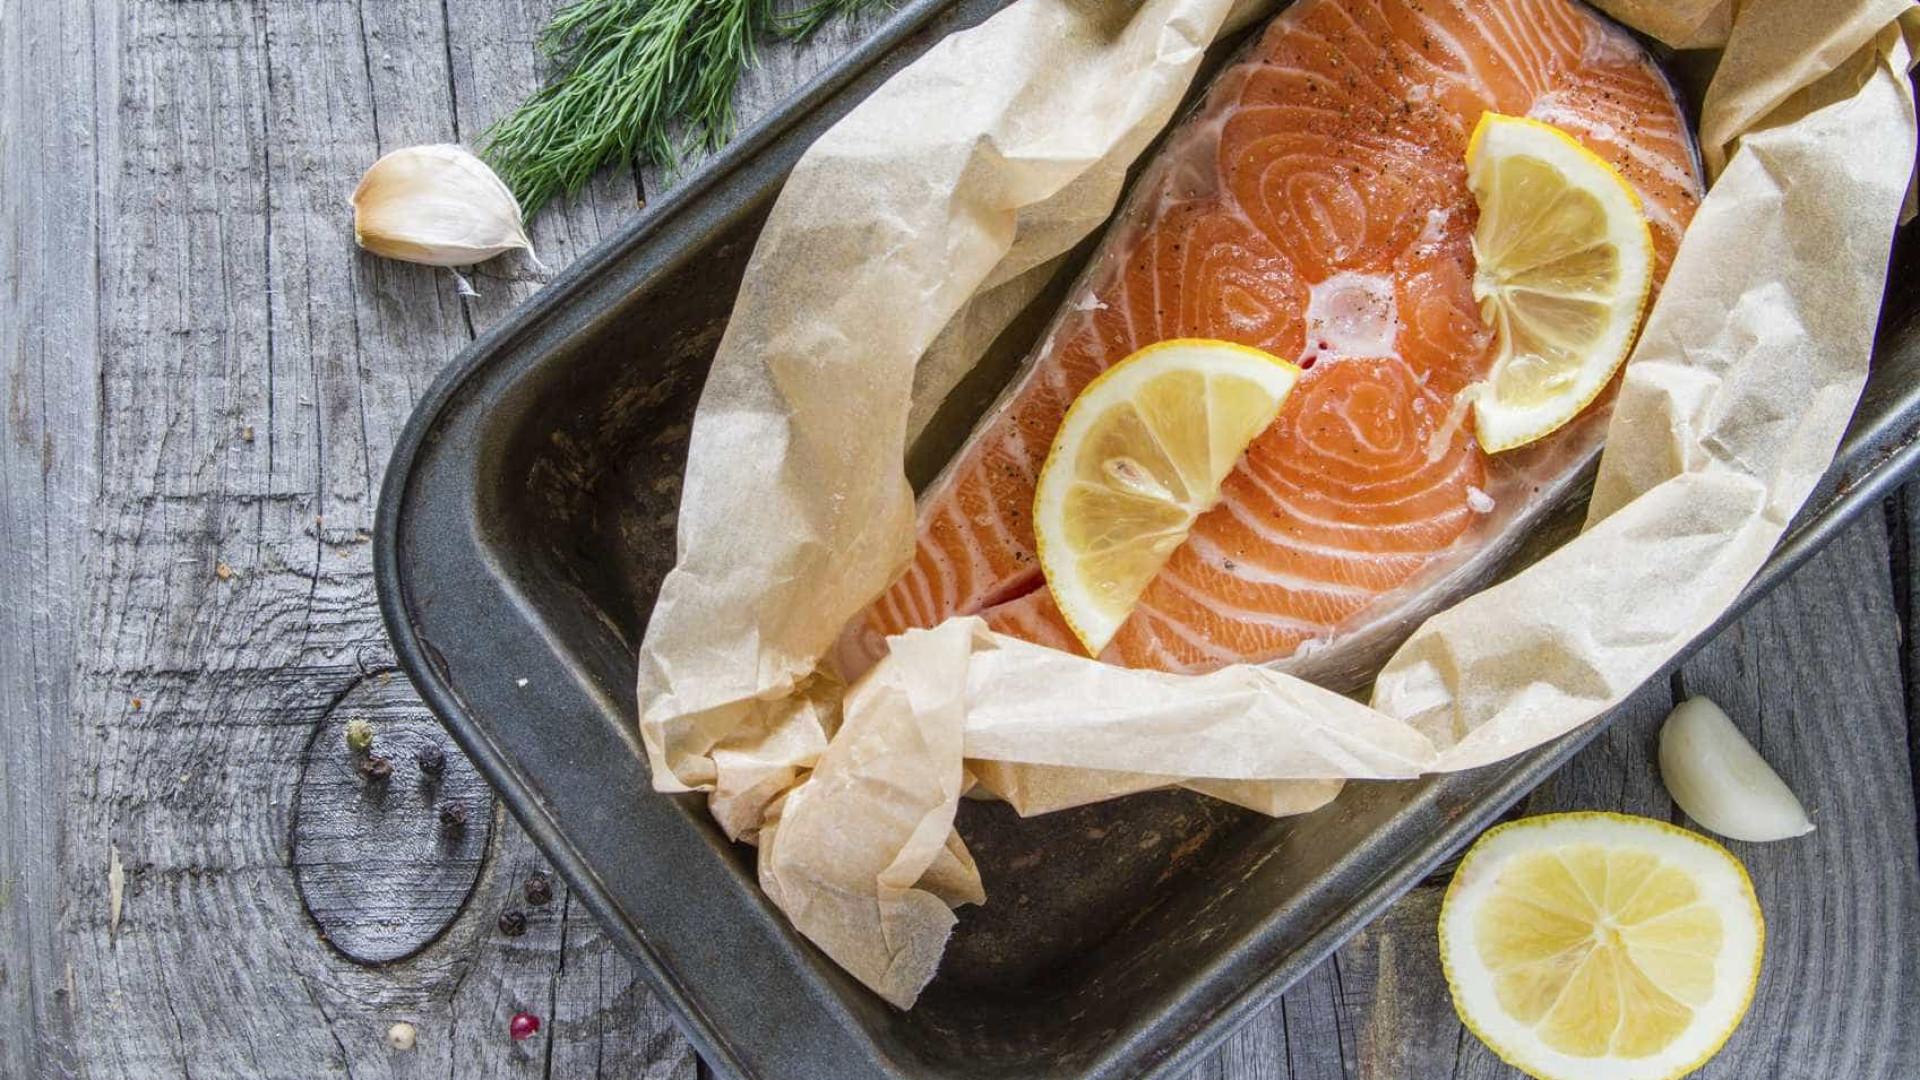 Peixes podem prevenir diabetes, obesidade e doença de Crohn, diz estudo